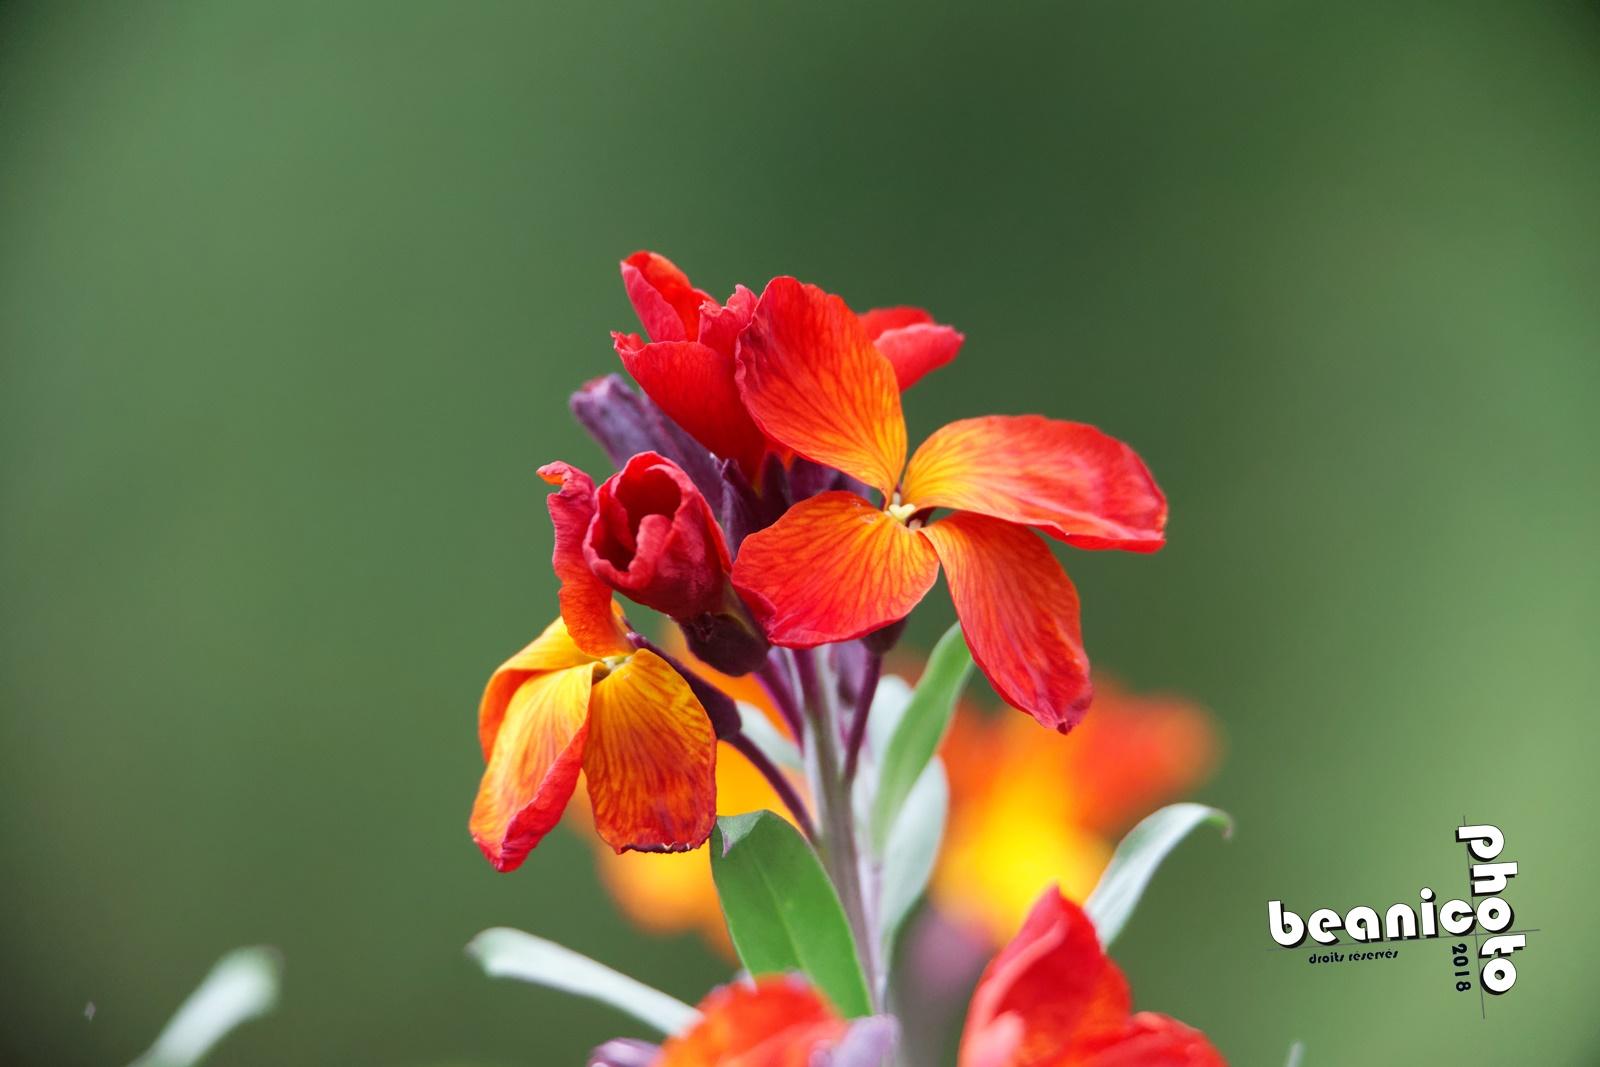 beanico-photo - Fleurs - Canon 5D IV + Tamron 150-600 G2 + Kenko 1,5x